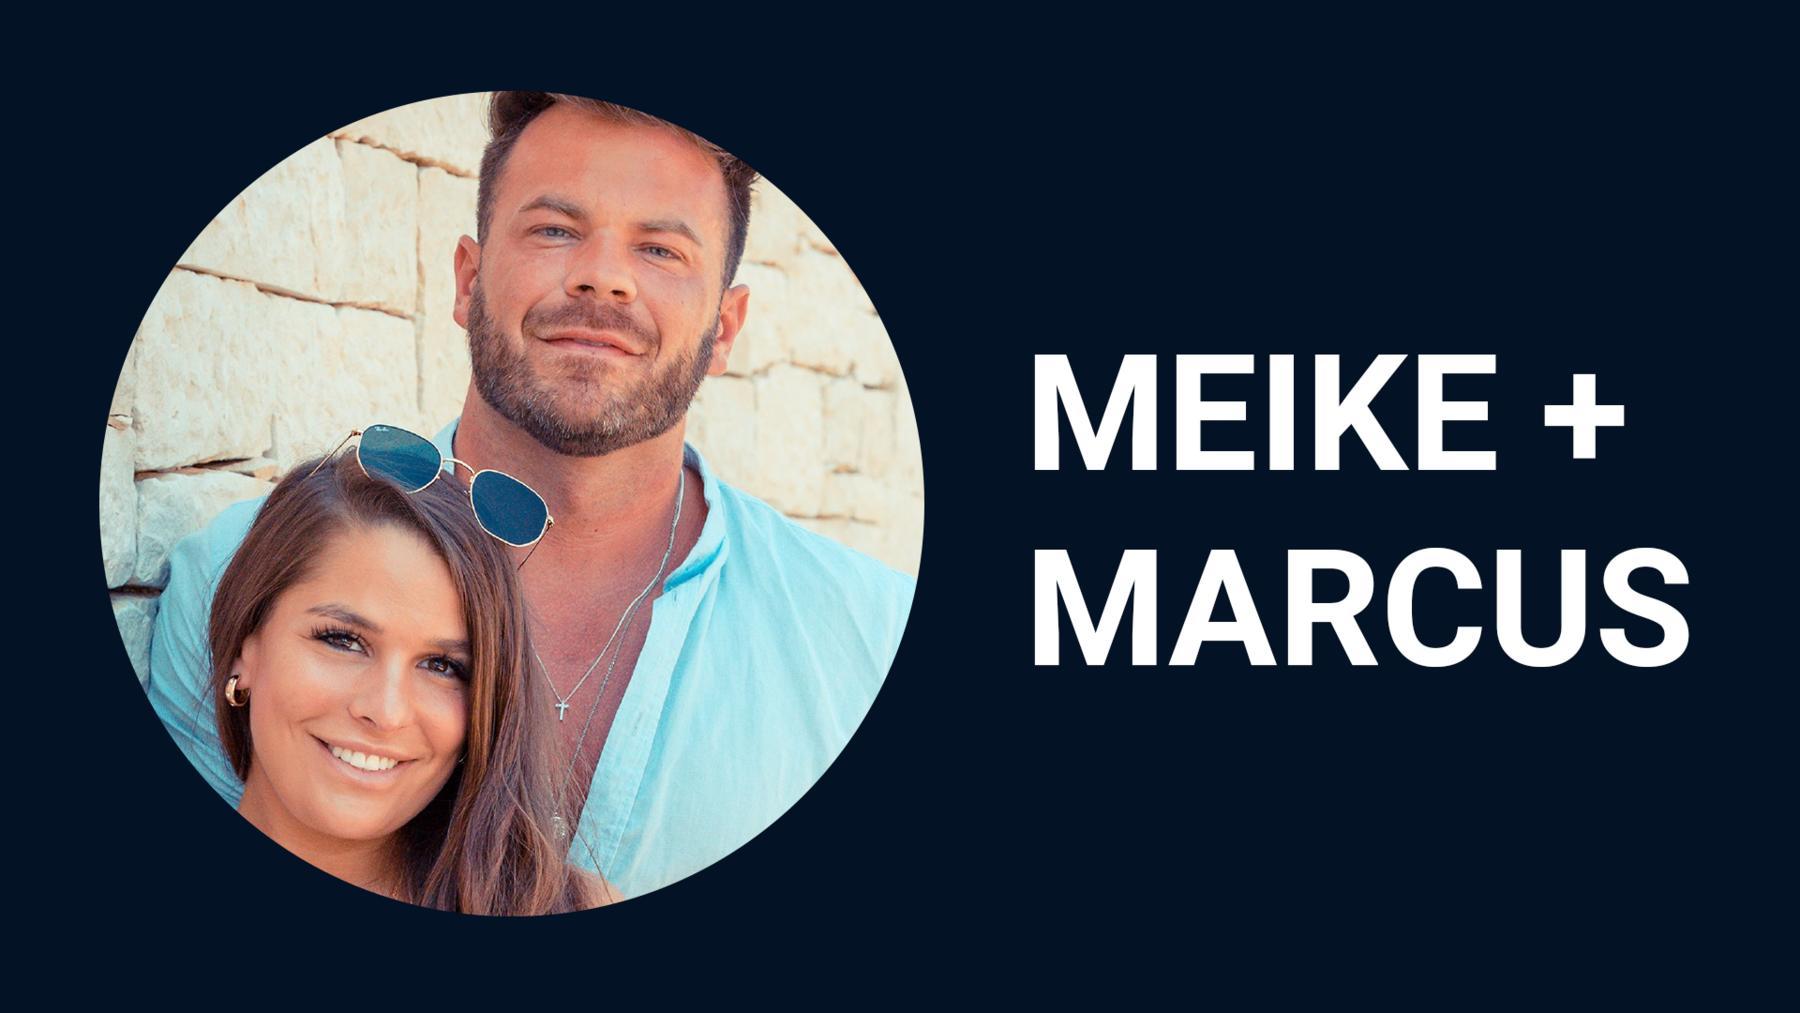 Meike + Marcus